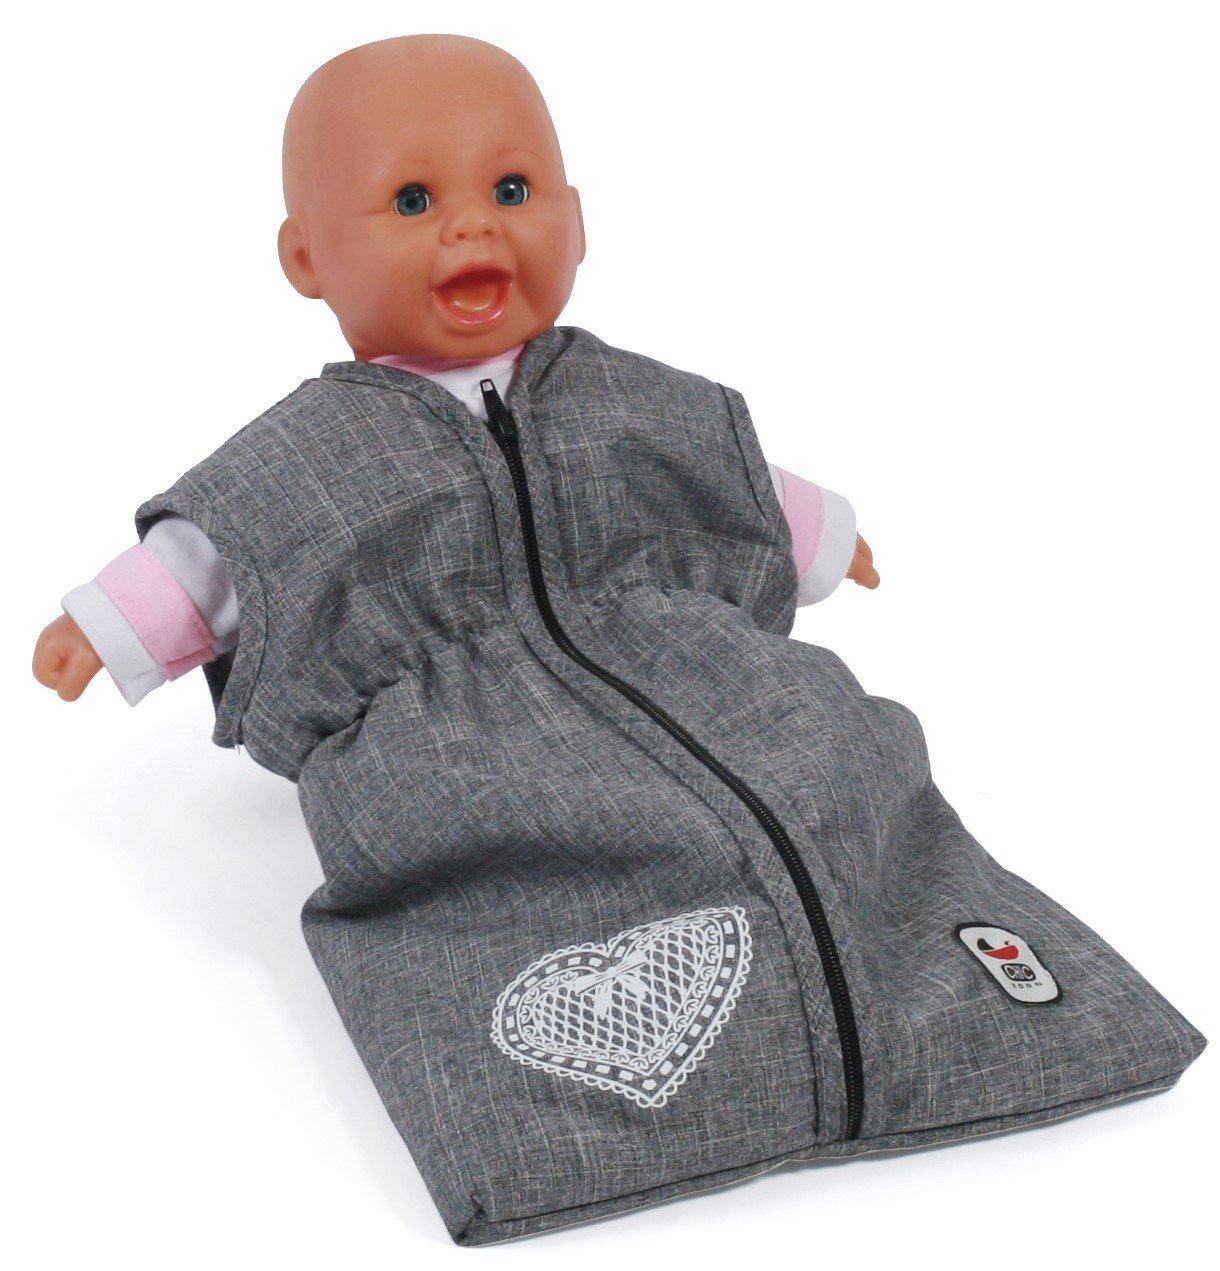 Amazon.es: Bayer Chic 2000 792 76 muñecas de Saco de Dormir para bebé muñecas, Jeans Gris: Juguetes y juegos